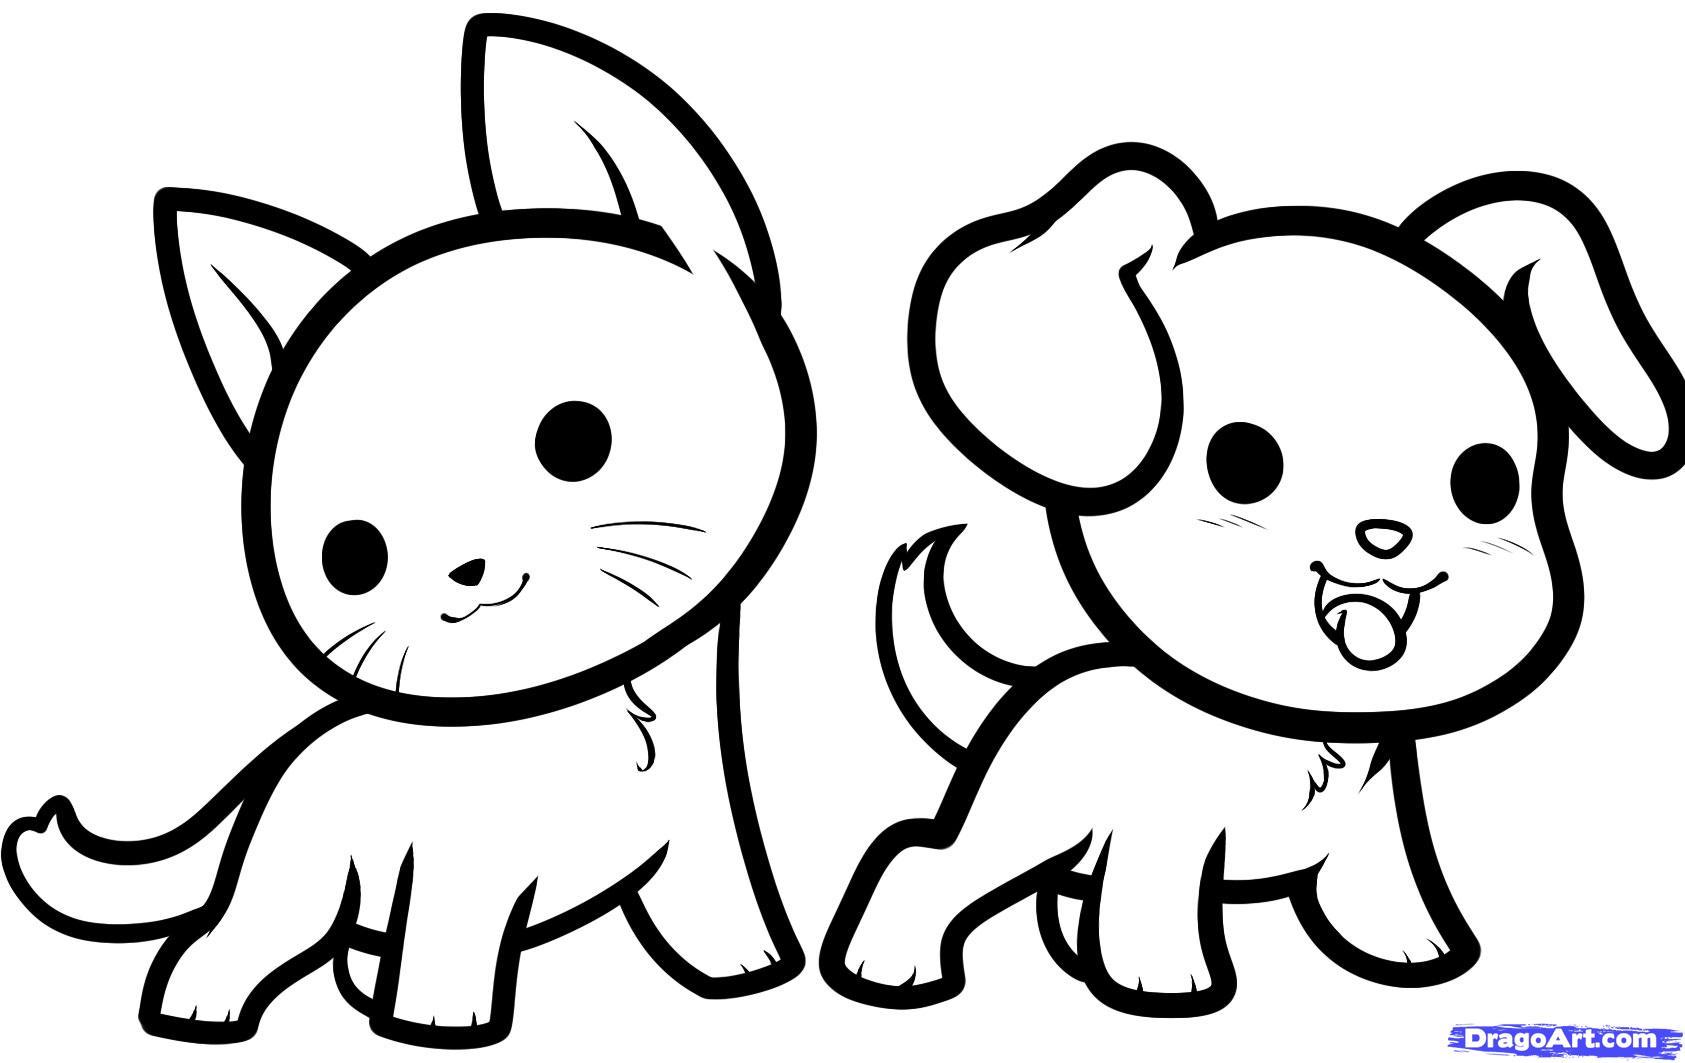 1685x1063 Cute Simple Animal Drawings Cute Simple Animal Drawings Kawaii